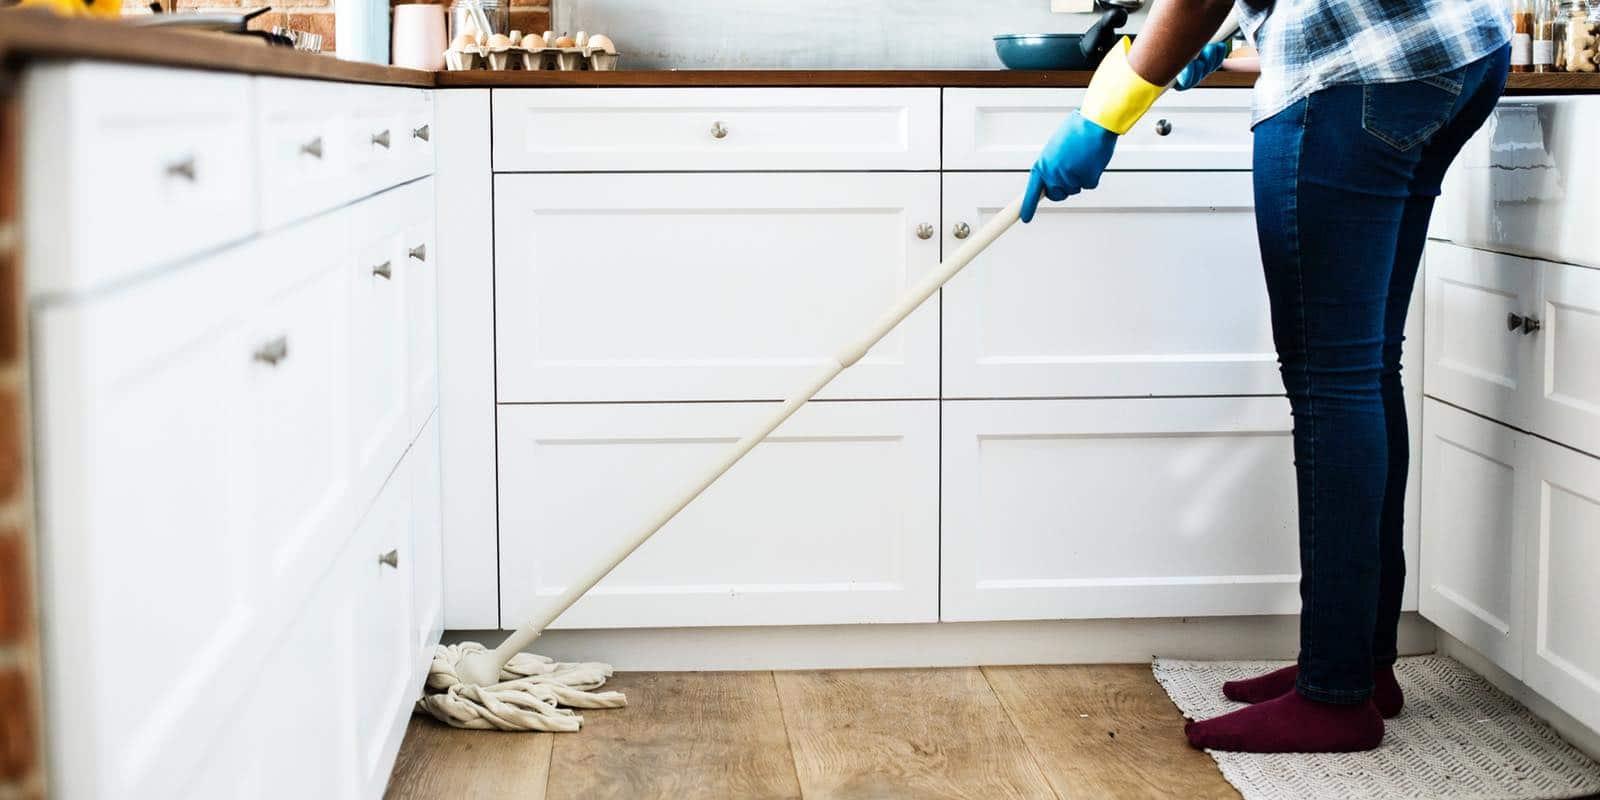 Comment mieux répartir les tâches ménagères (et la charge mentale) en couple